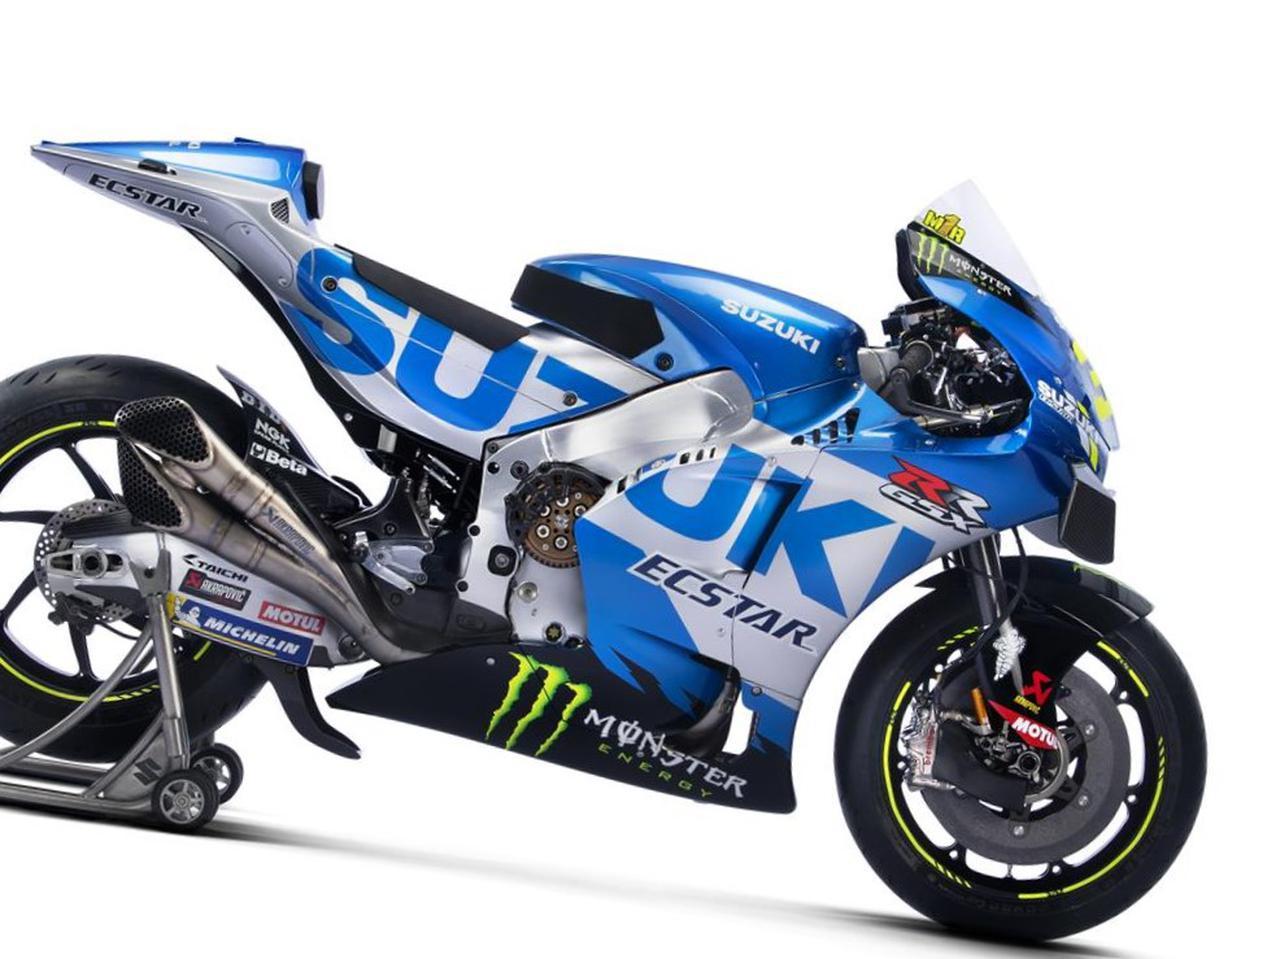 画像: 最高出力240馬力以上! スズキがモンスターエナジーとタッグを組んだ新型『GSX-RR』を初公開! - スズキのバイク!